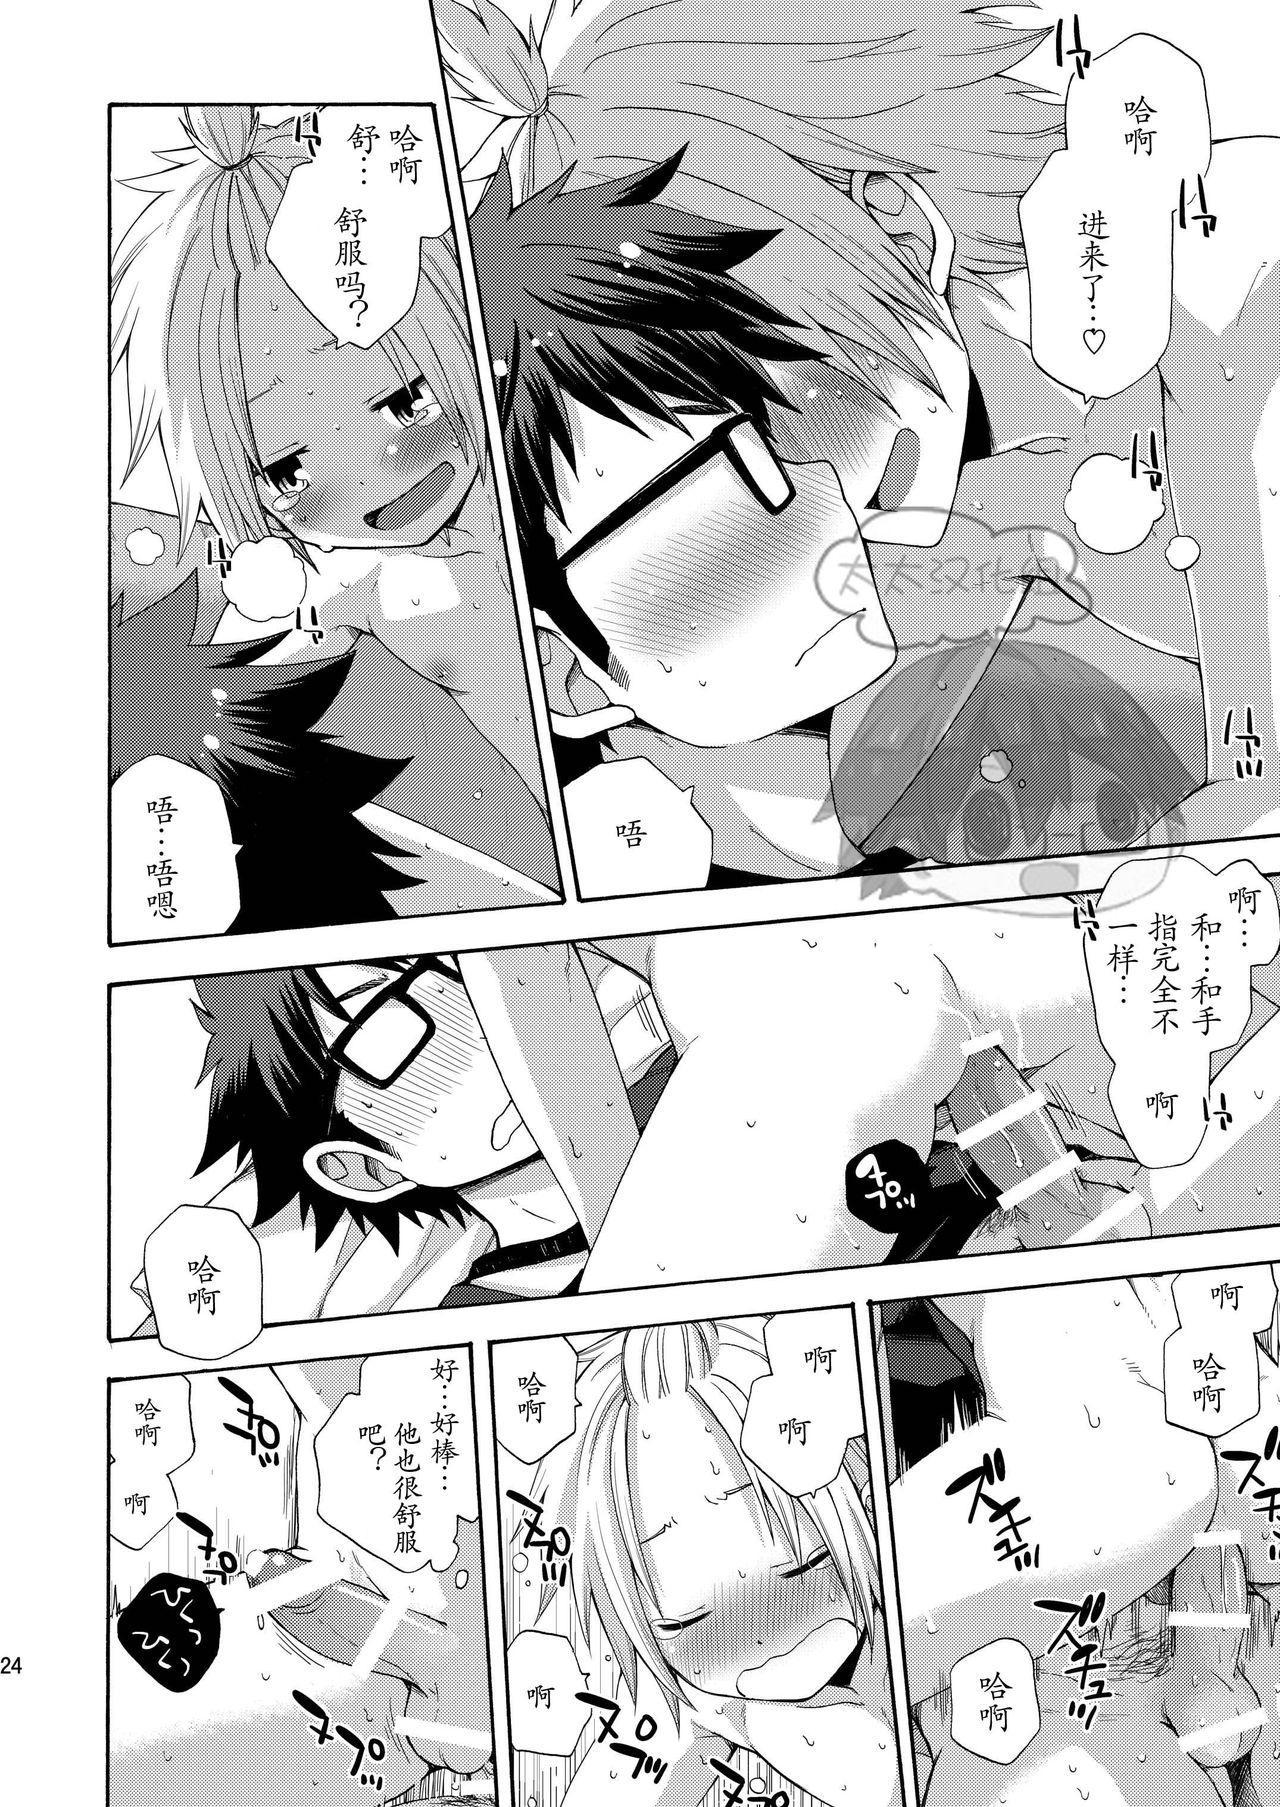 Otouto ga Dekimashita 23